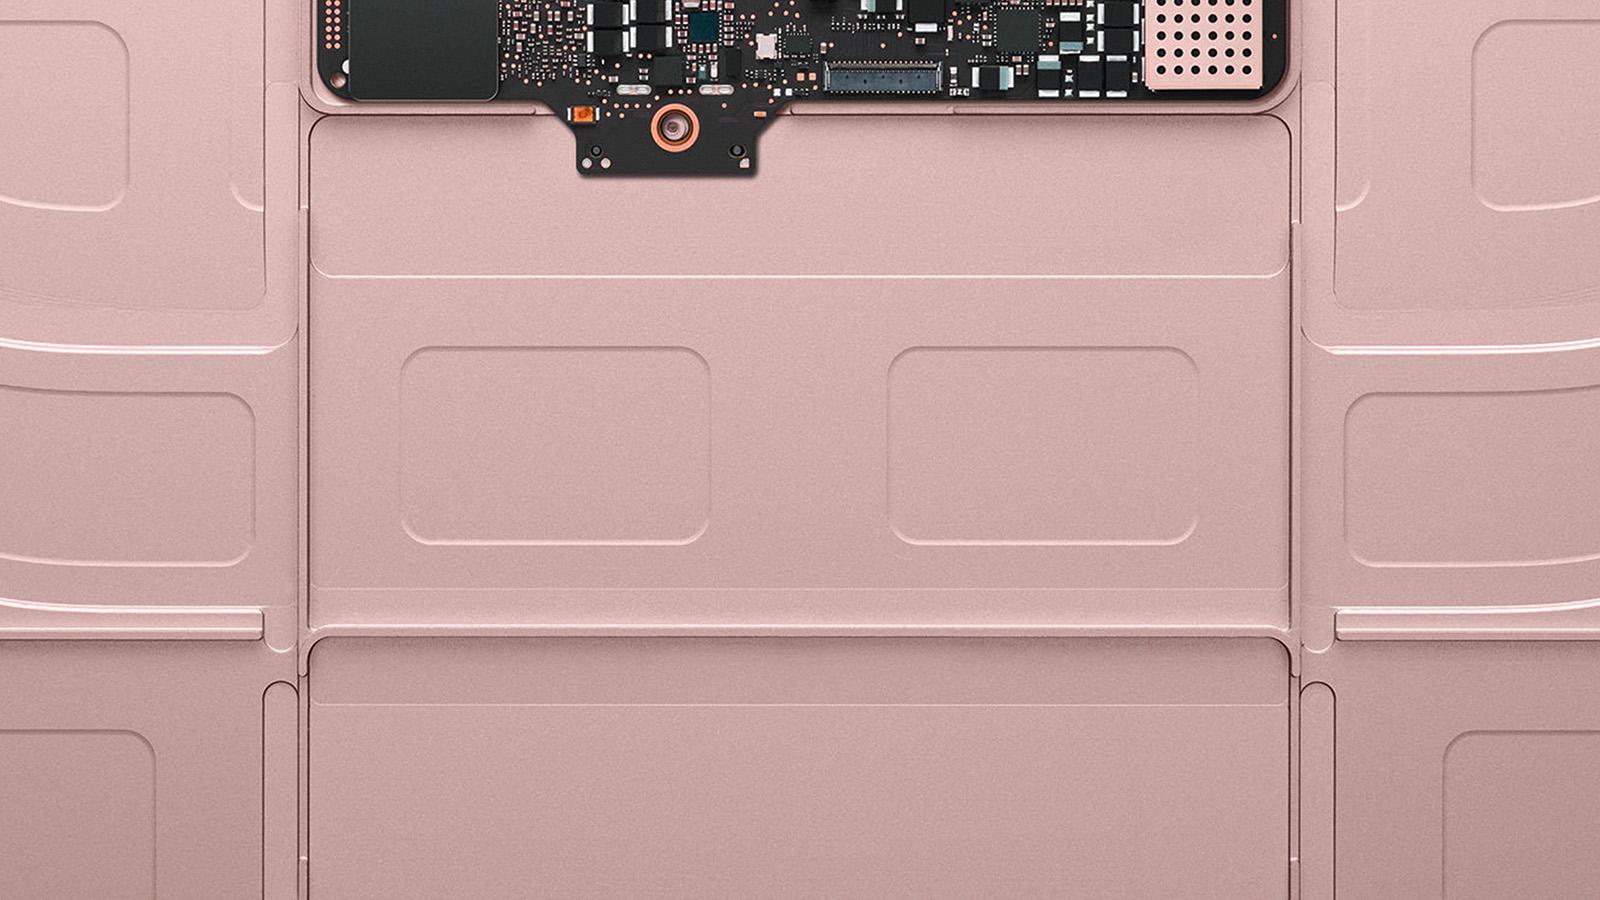 Au53 Inside Macbook Gold Apple Illustration Art Rose Gold